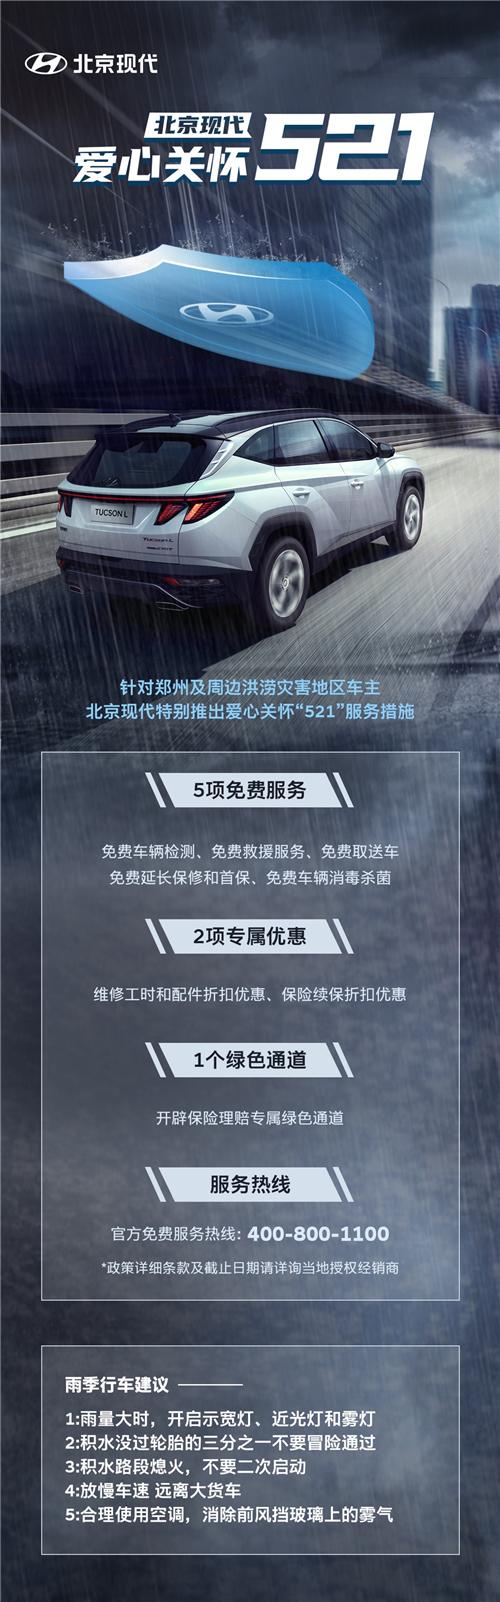 无惧风雨,携手同行,北京现代推出爱心关怀服务